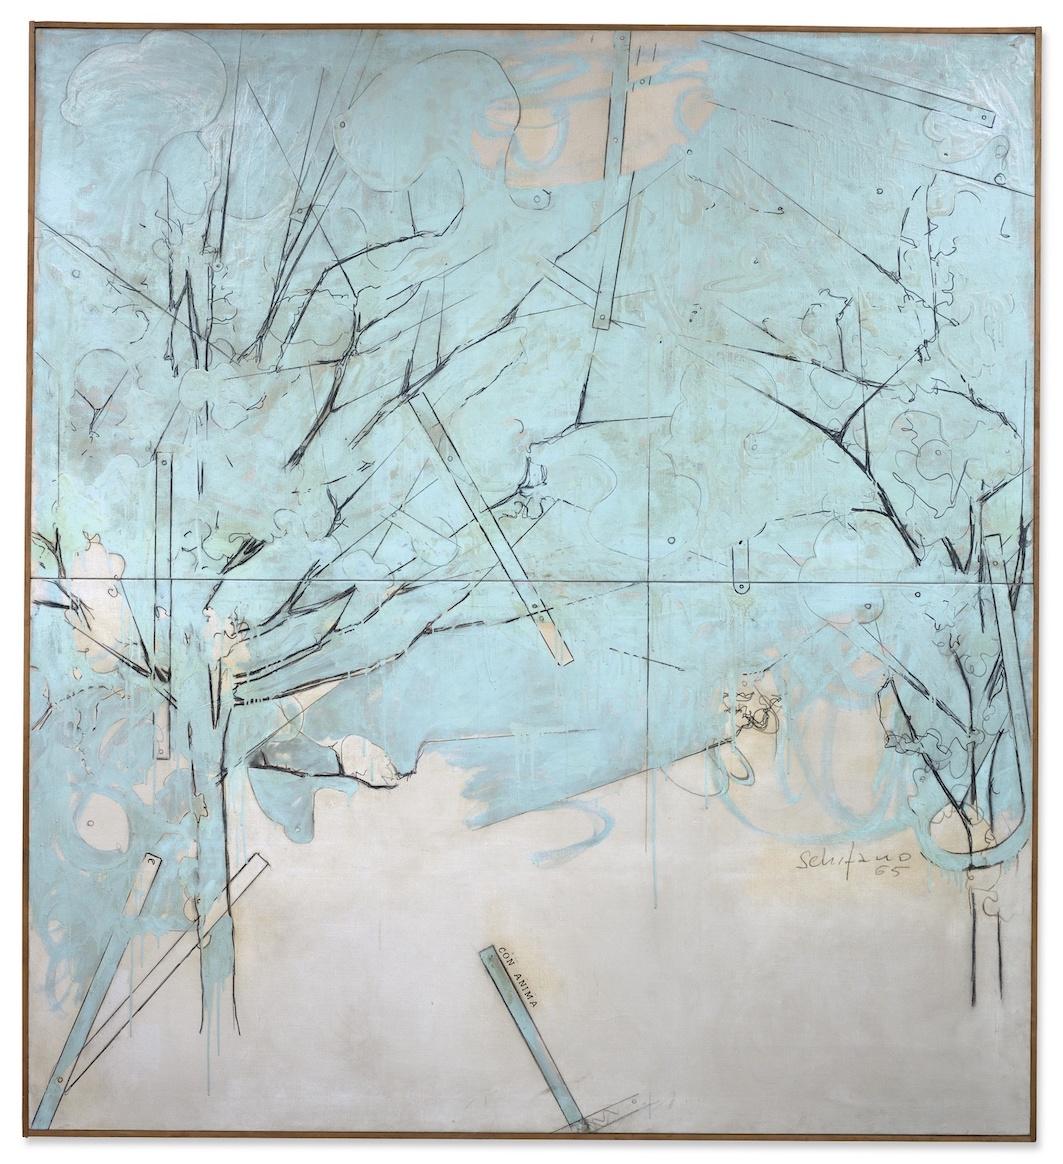 Mario Schifano, CON ANIMA 1965 € 972,500 @ Sotheby's Milano, 11 aprile 2019